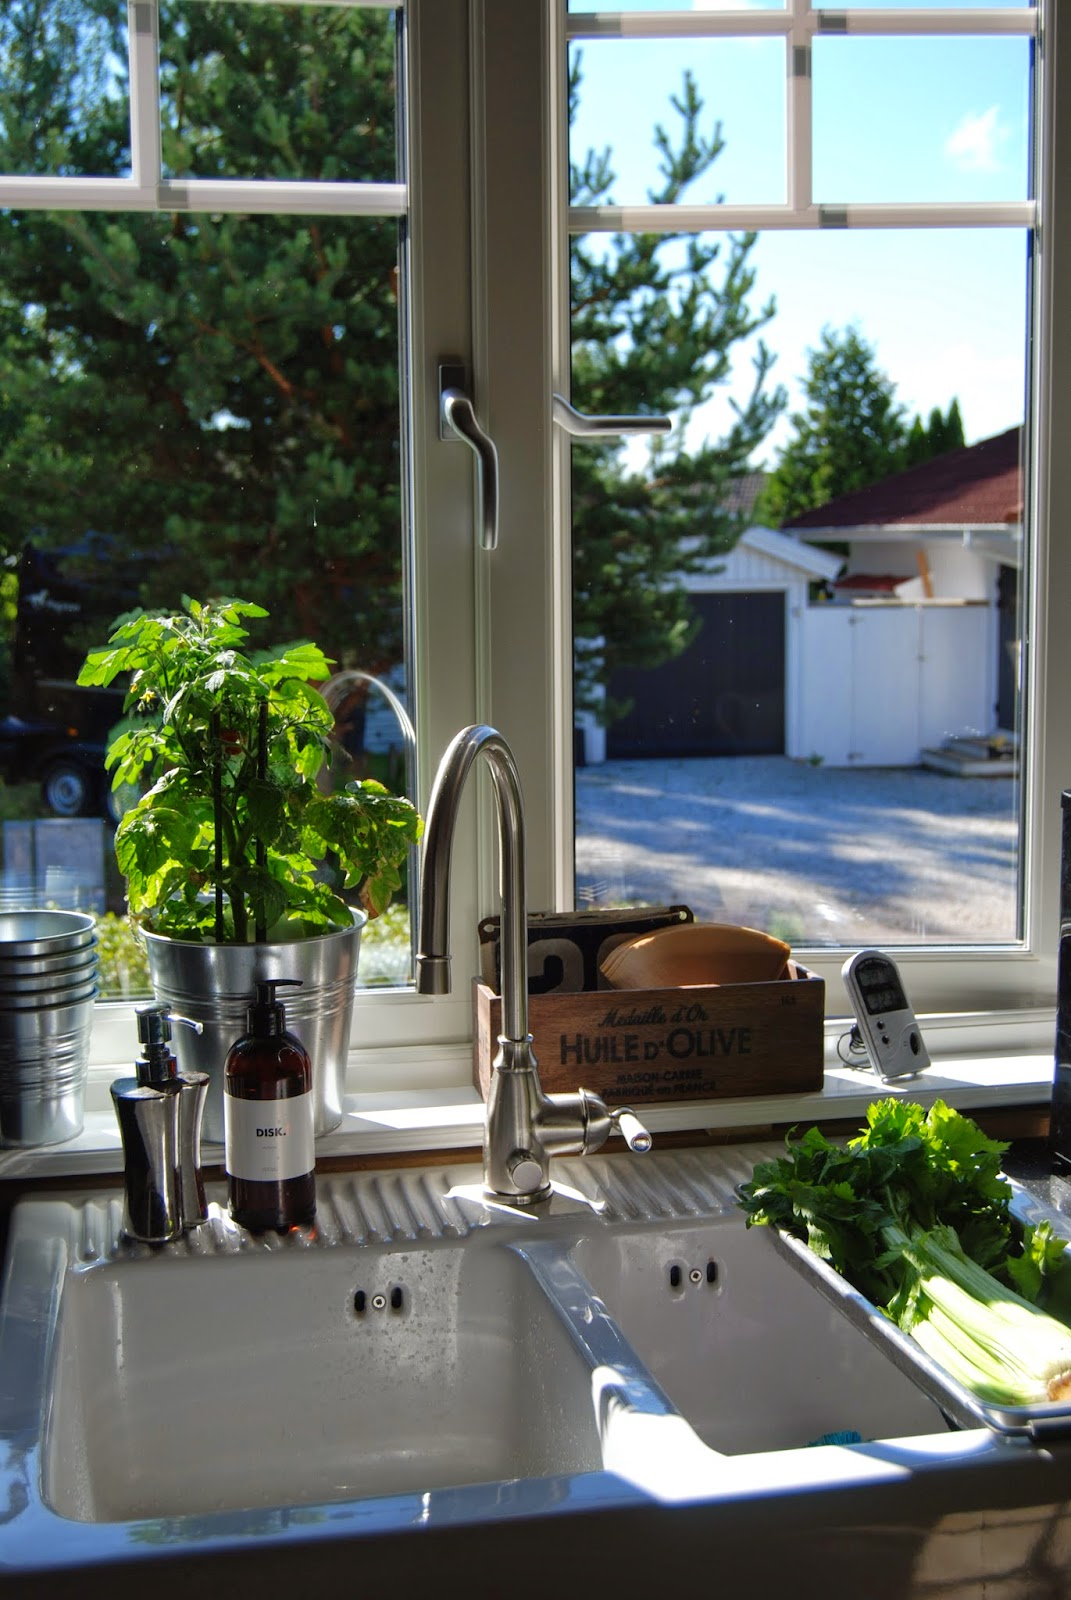 Huset sjöljus: köket är husets hjärta